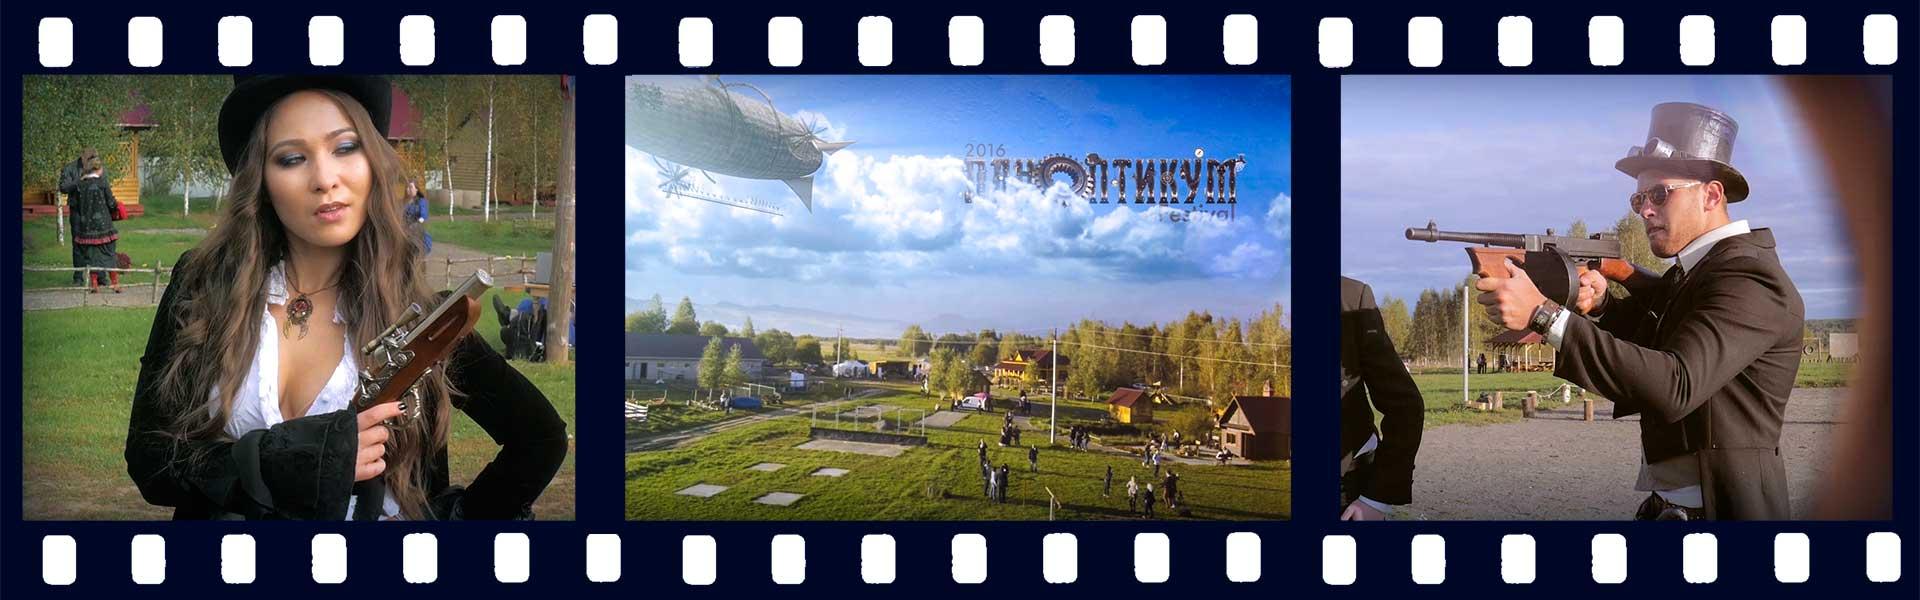 Фестиваль стимпанк культуры «Паноптикум 2016», видеоотчет.